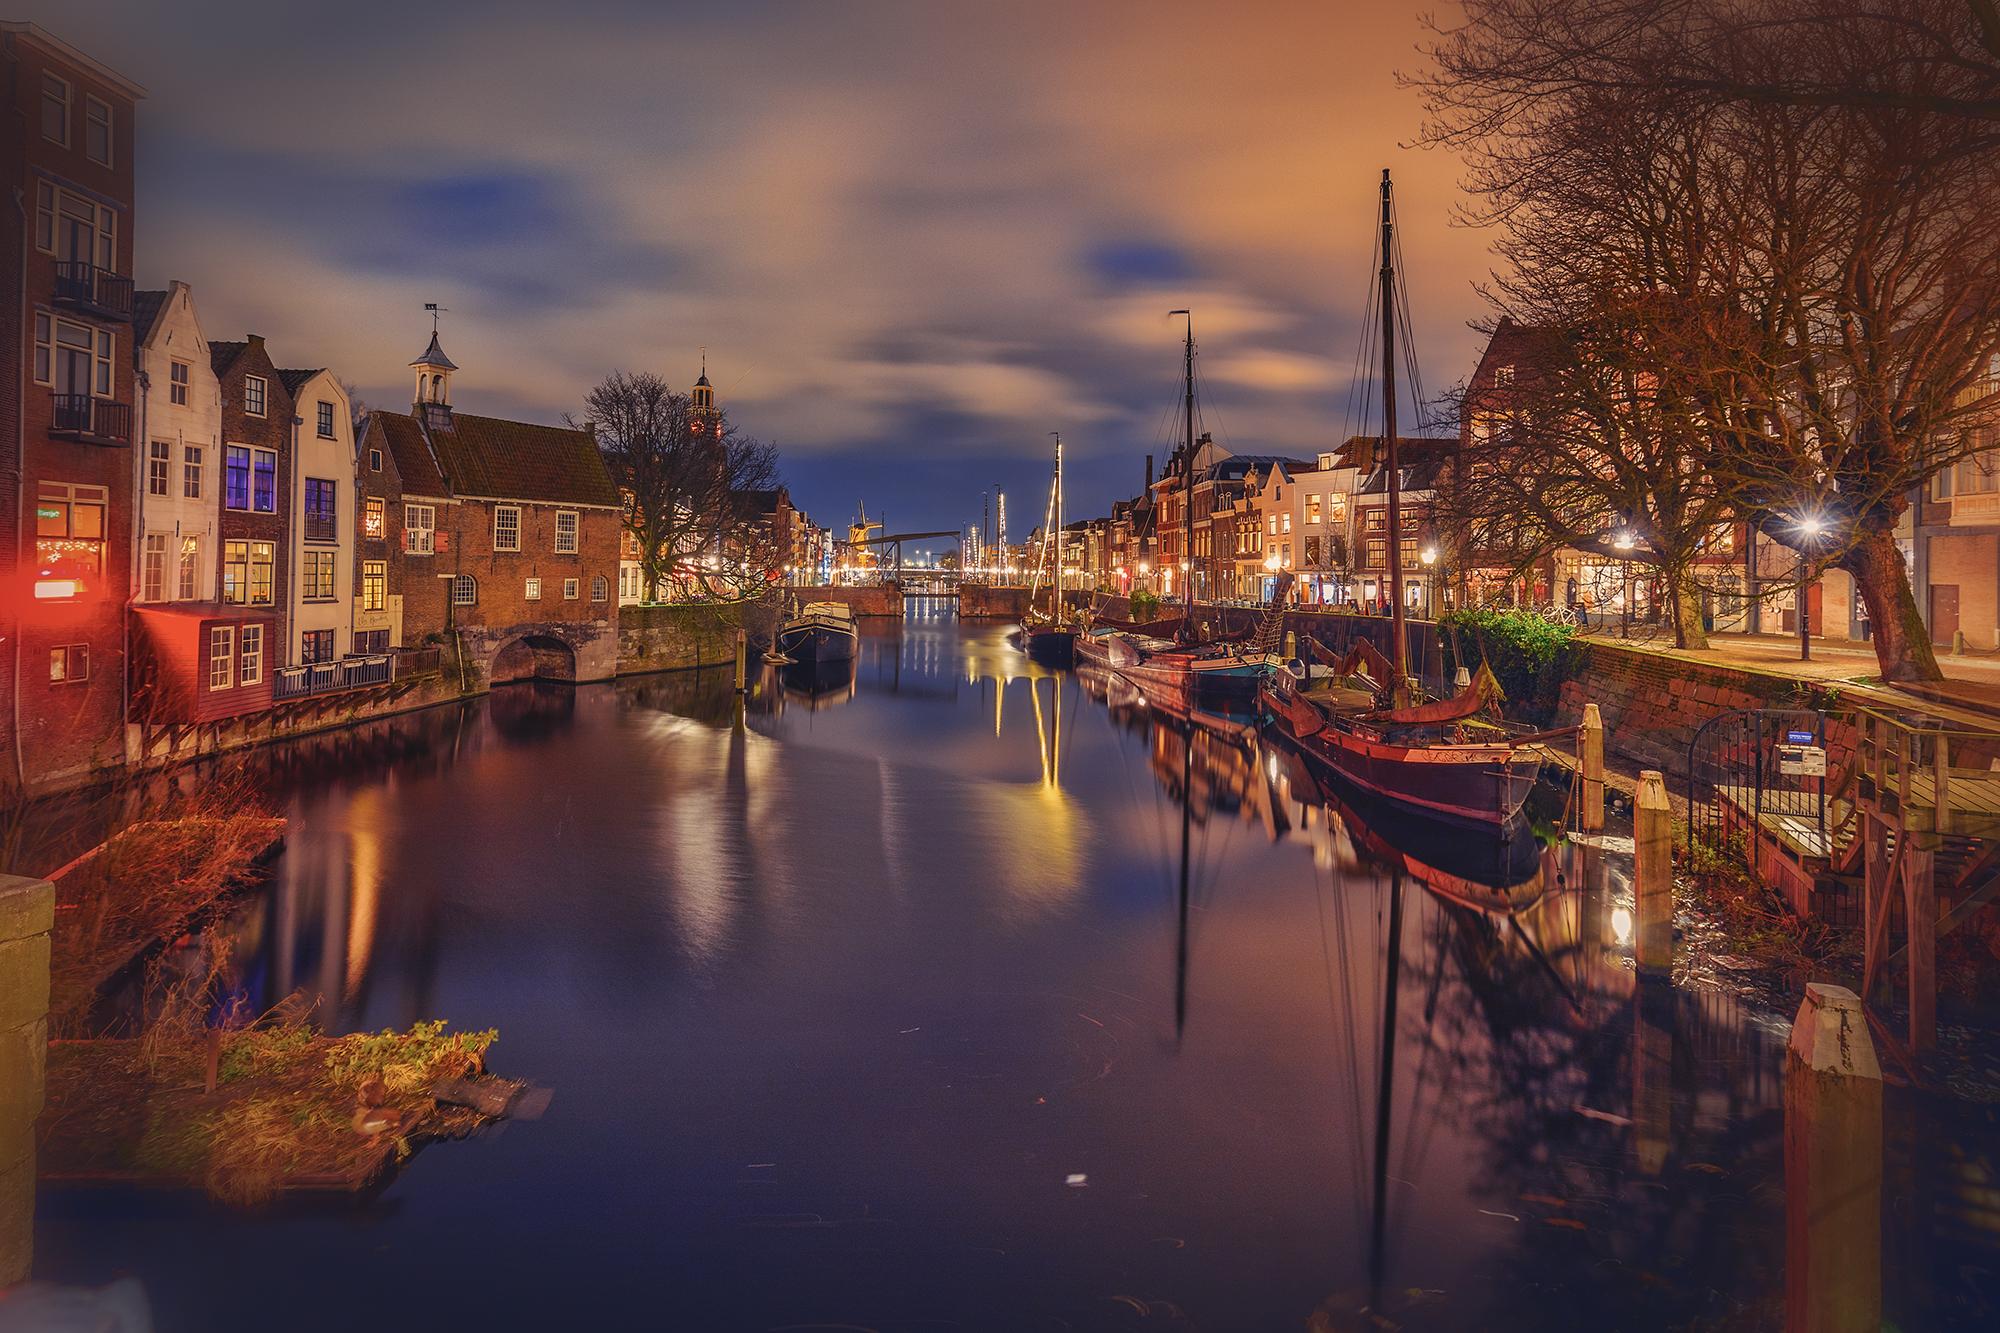 Delfshaven @ Night (NL)